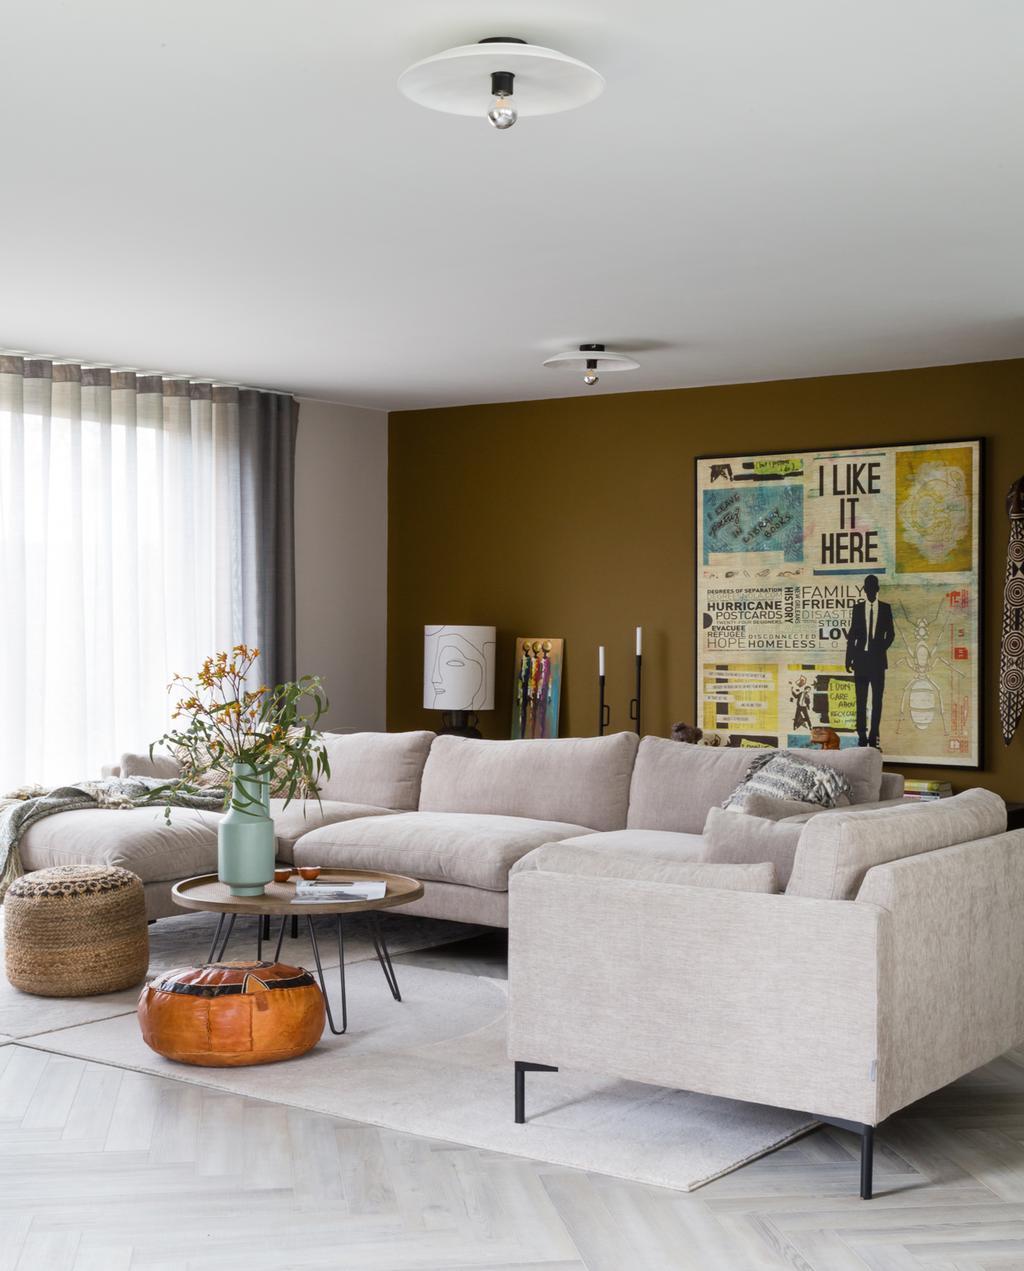 vtwonen weer verliefd op je huis | seizoen 12 aflevering 1 | Frans in Den Bosch | woonkamer